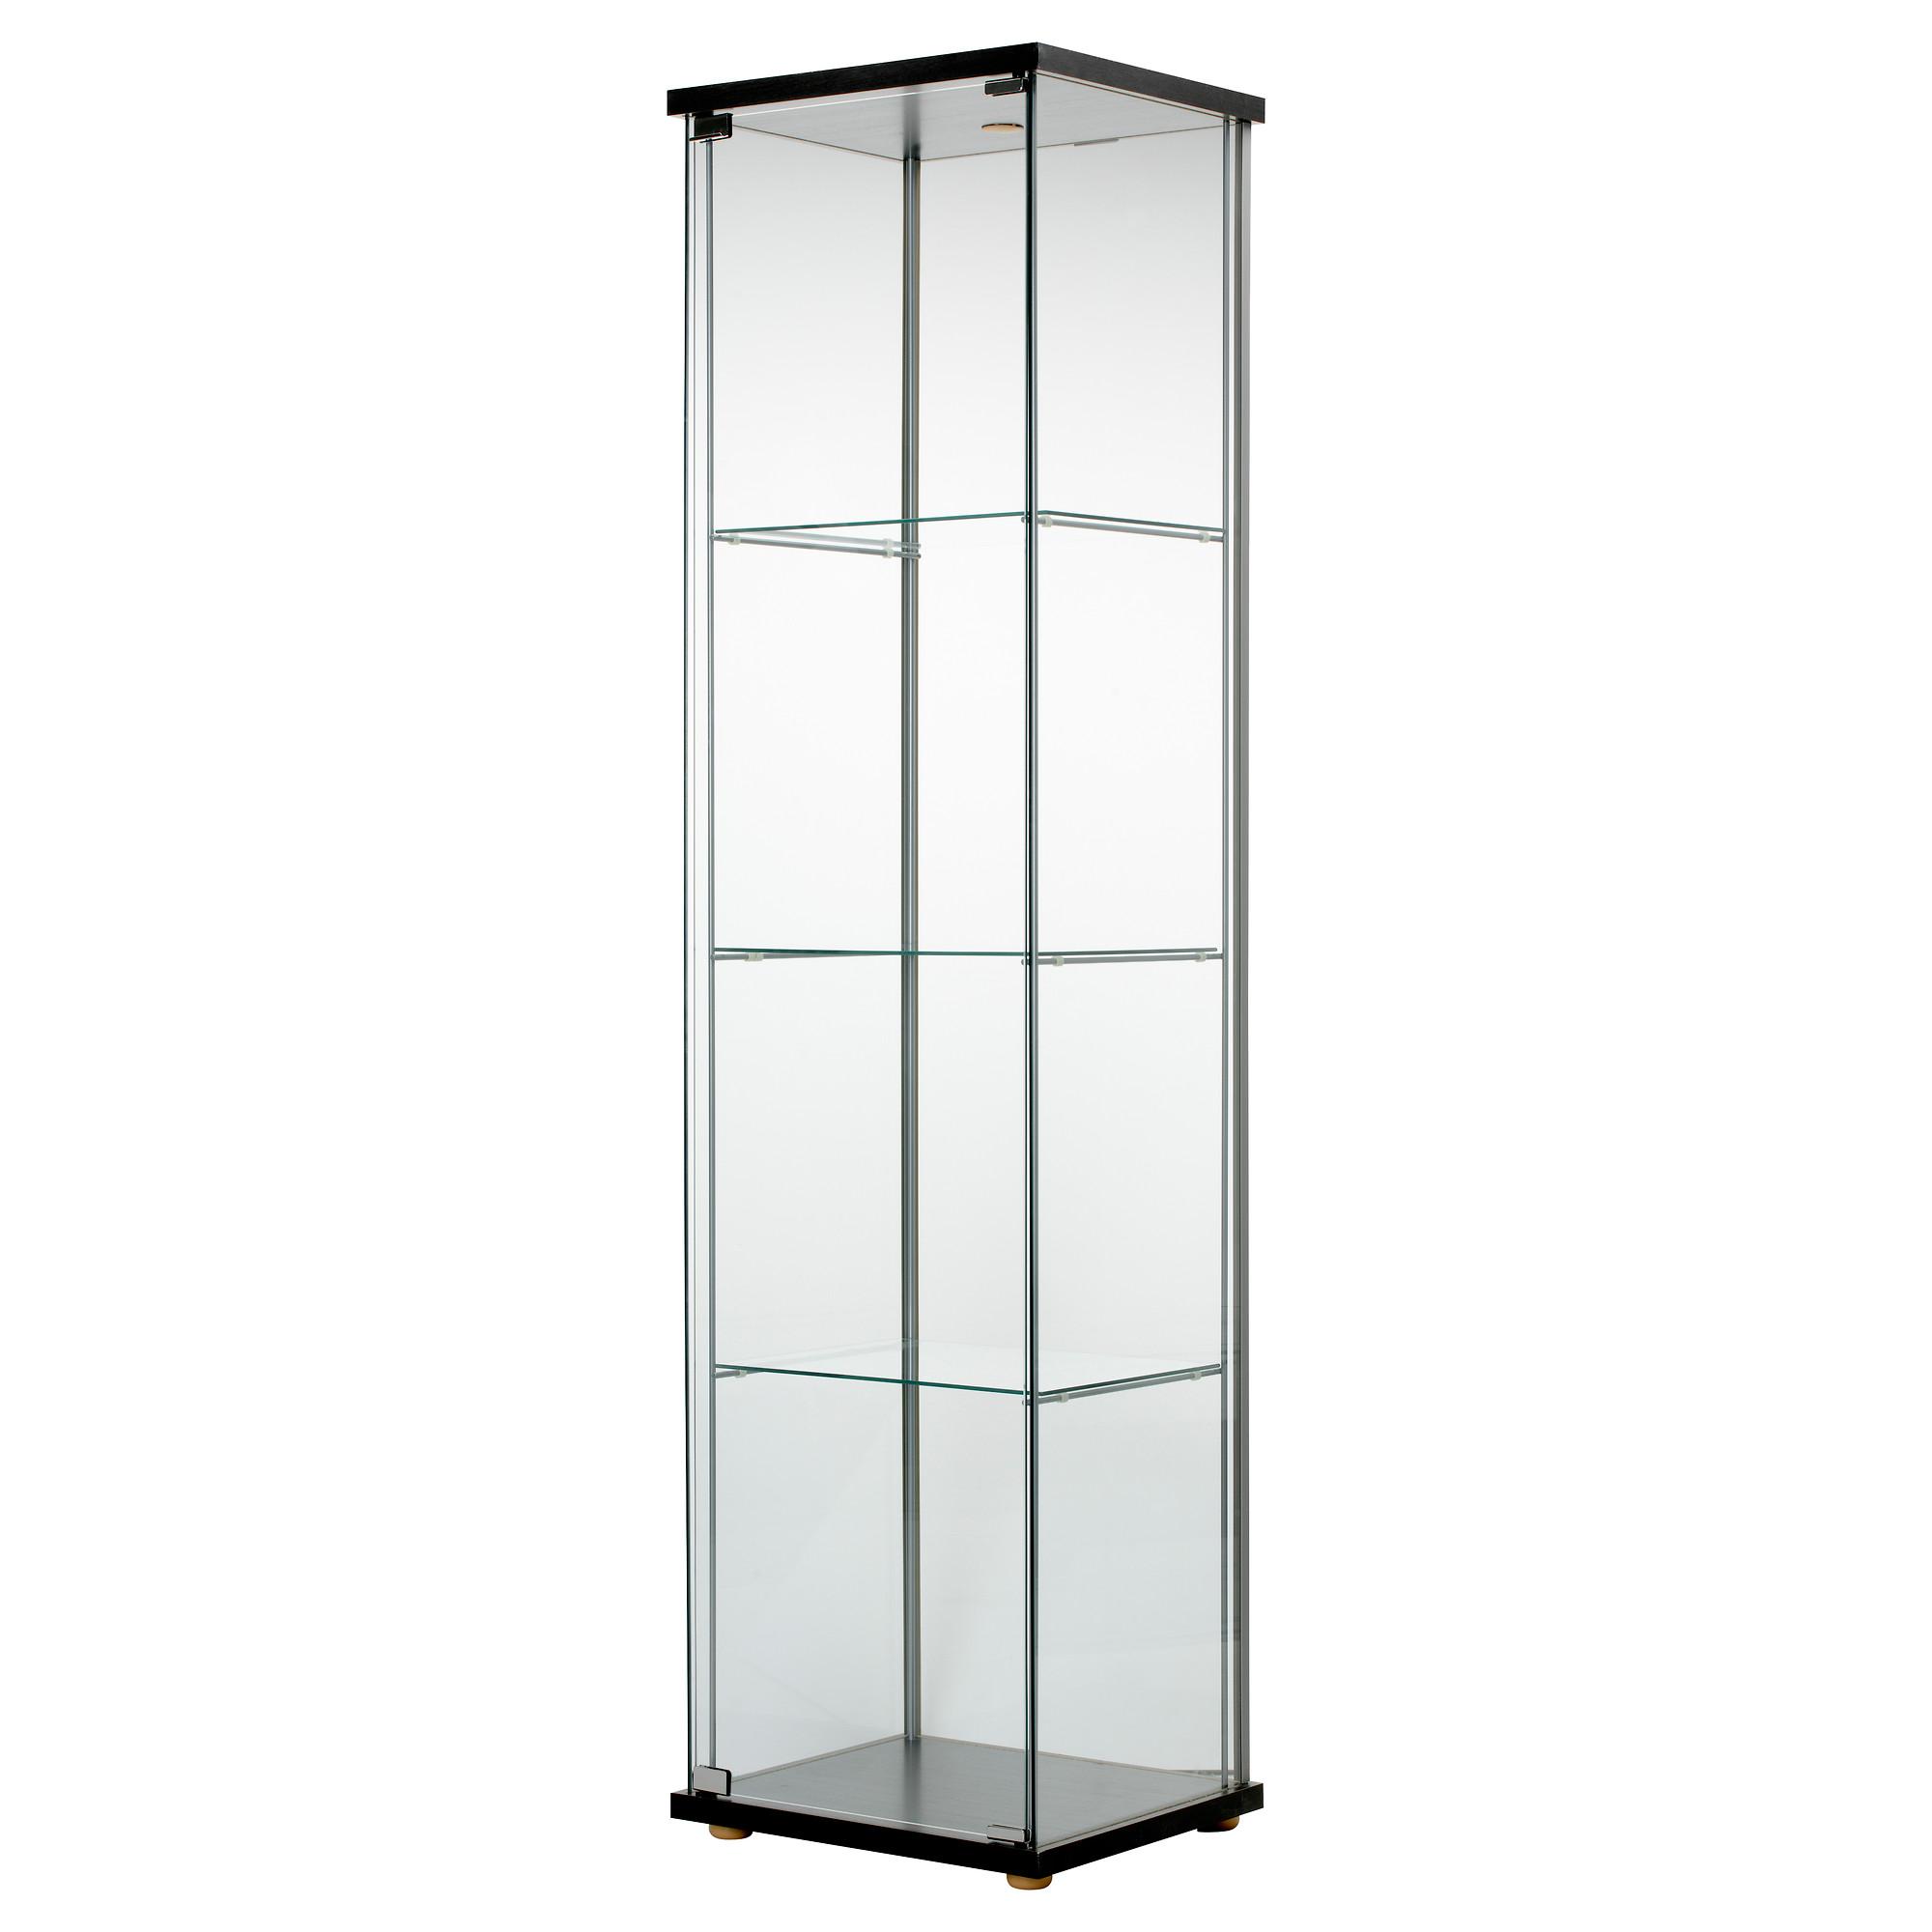 Amazing DETOLF Glass-door cabinet - black-brown - IKEA shelving units with glass doors